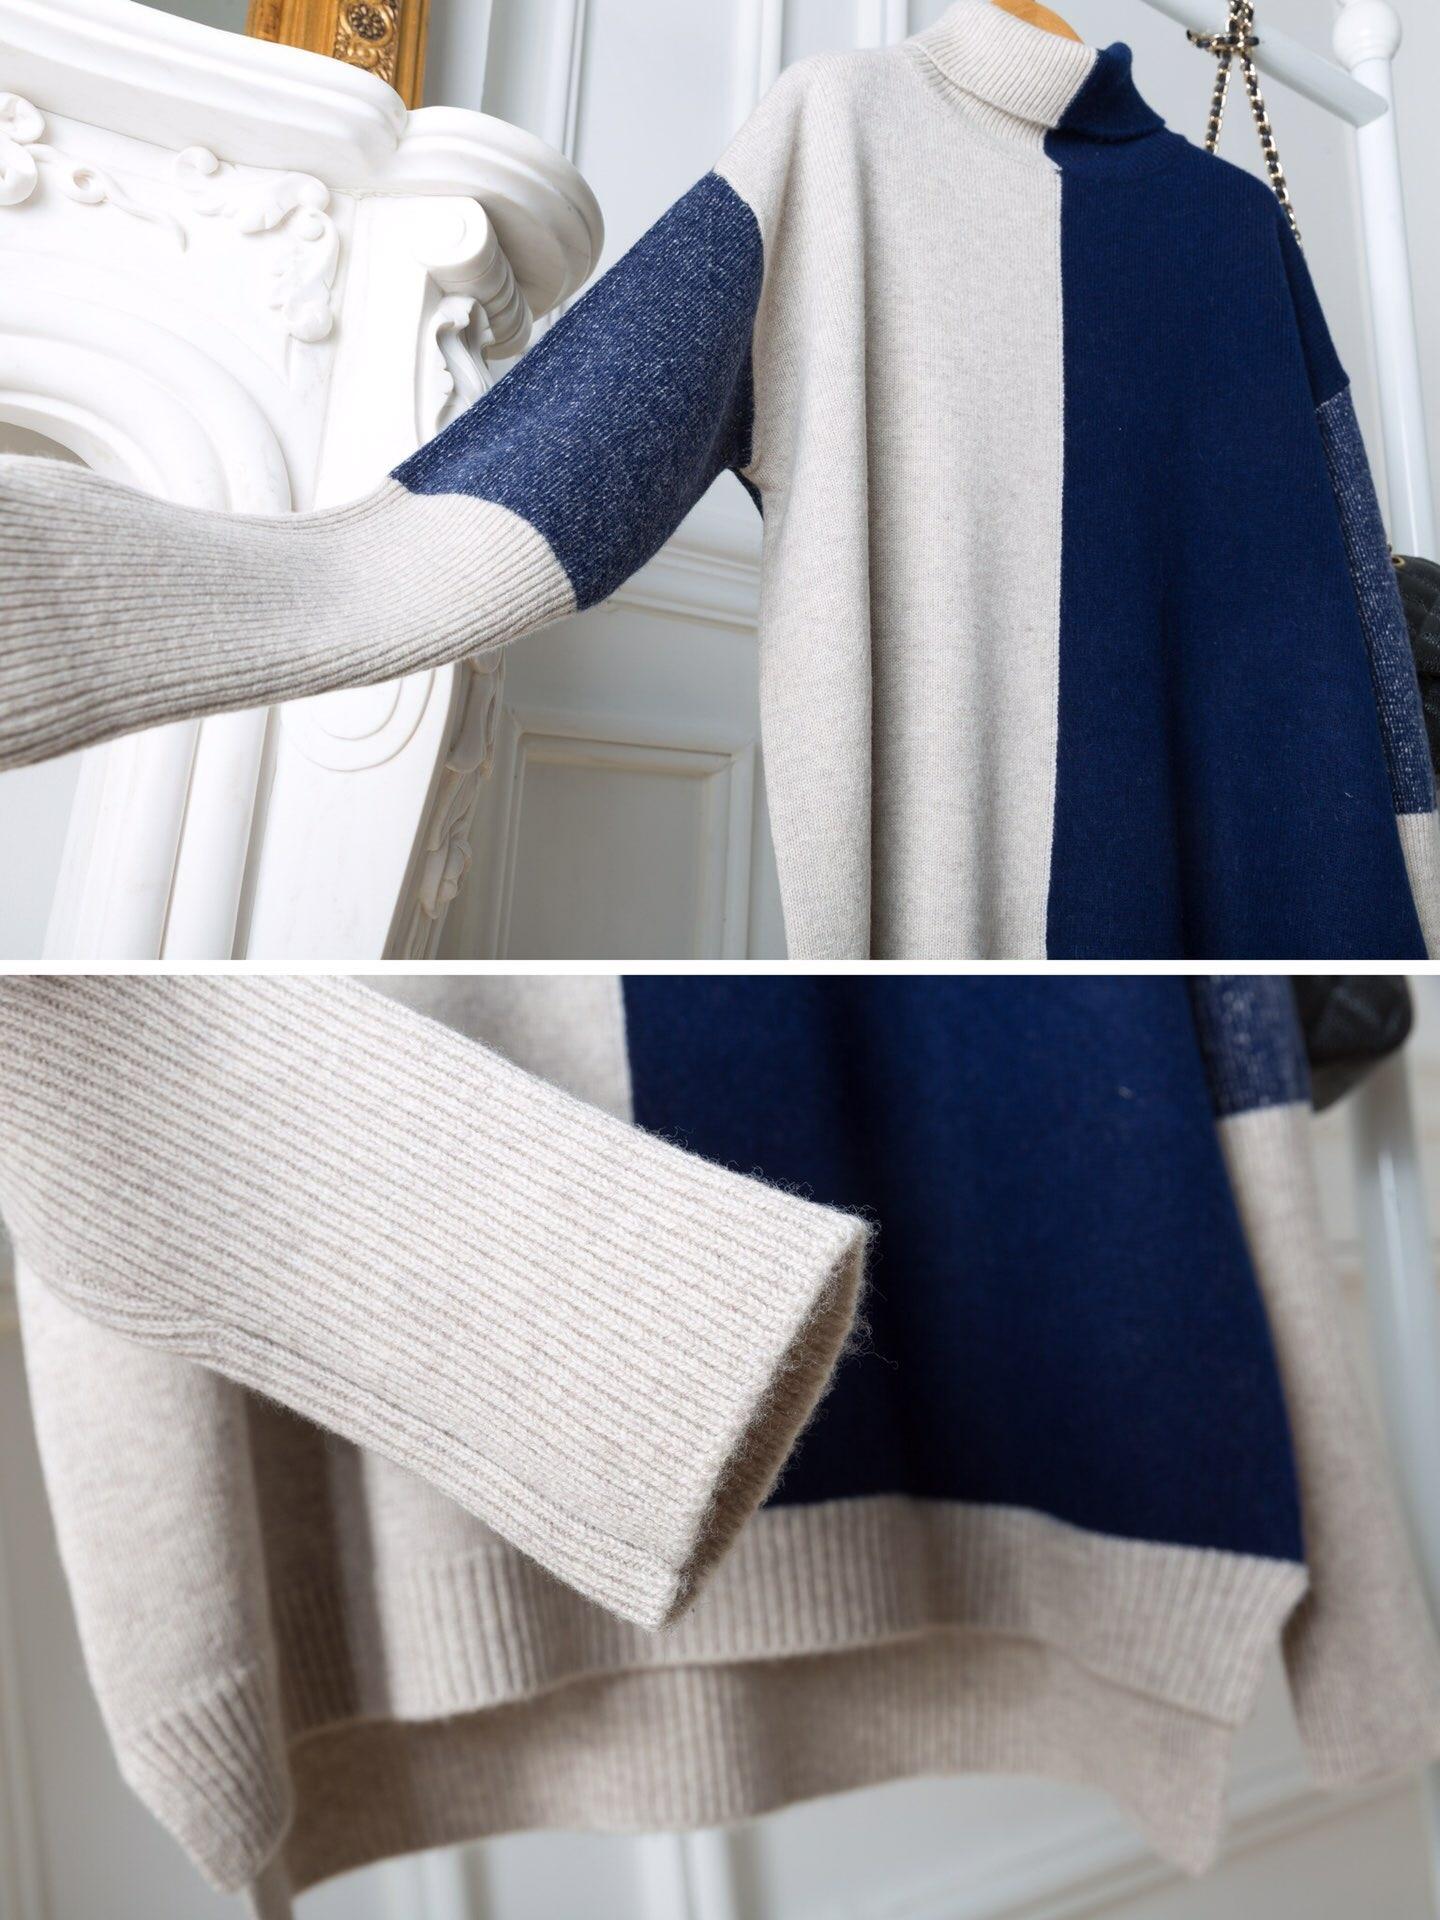 2019 Blue En Vêtements Couleurs Laine Pull D'hiver Femmes 1 Tailles Nouveau rqTvwr